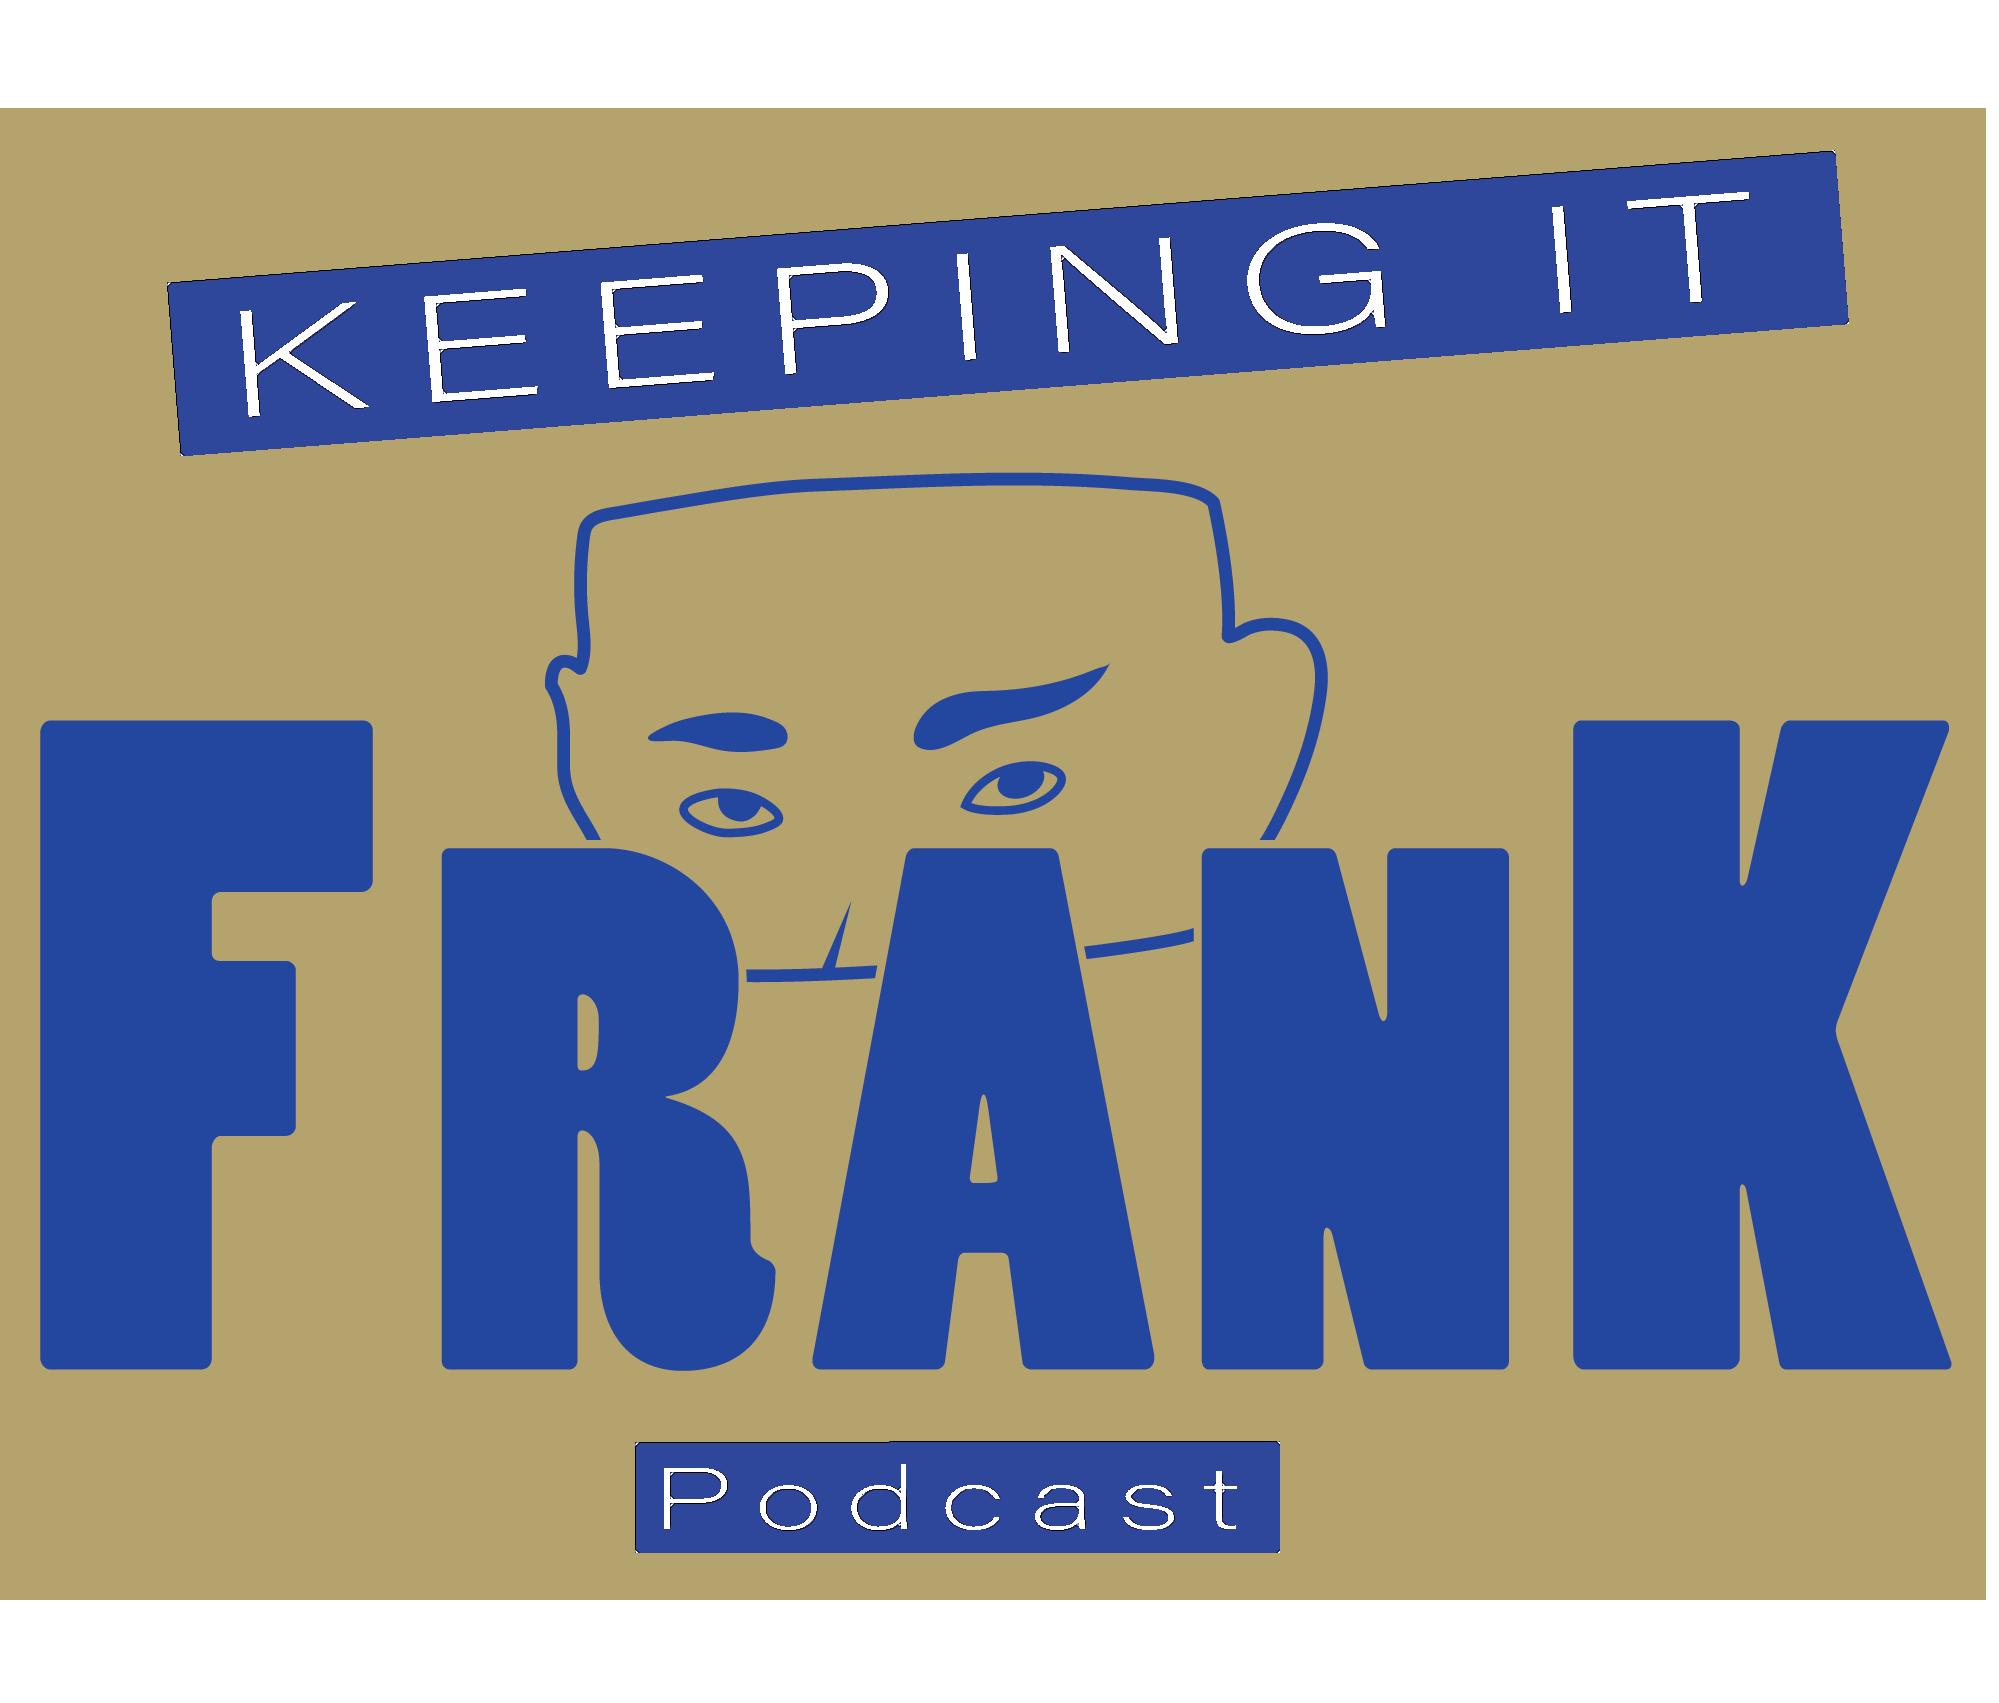 Final podcast logo_KG_edit.png